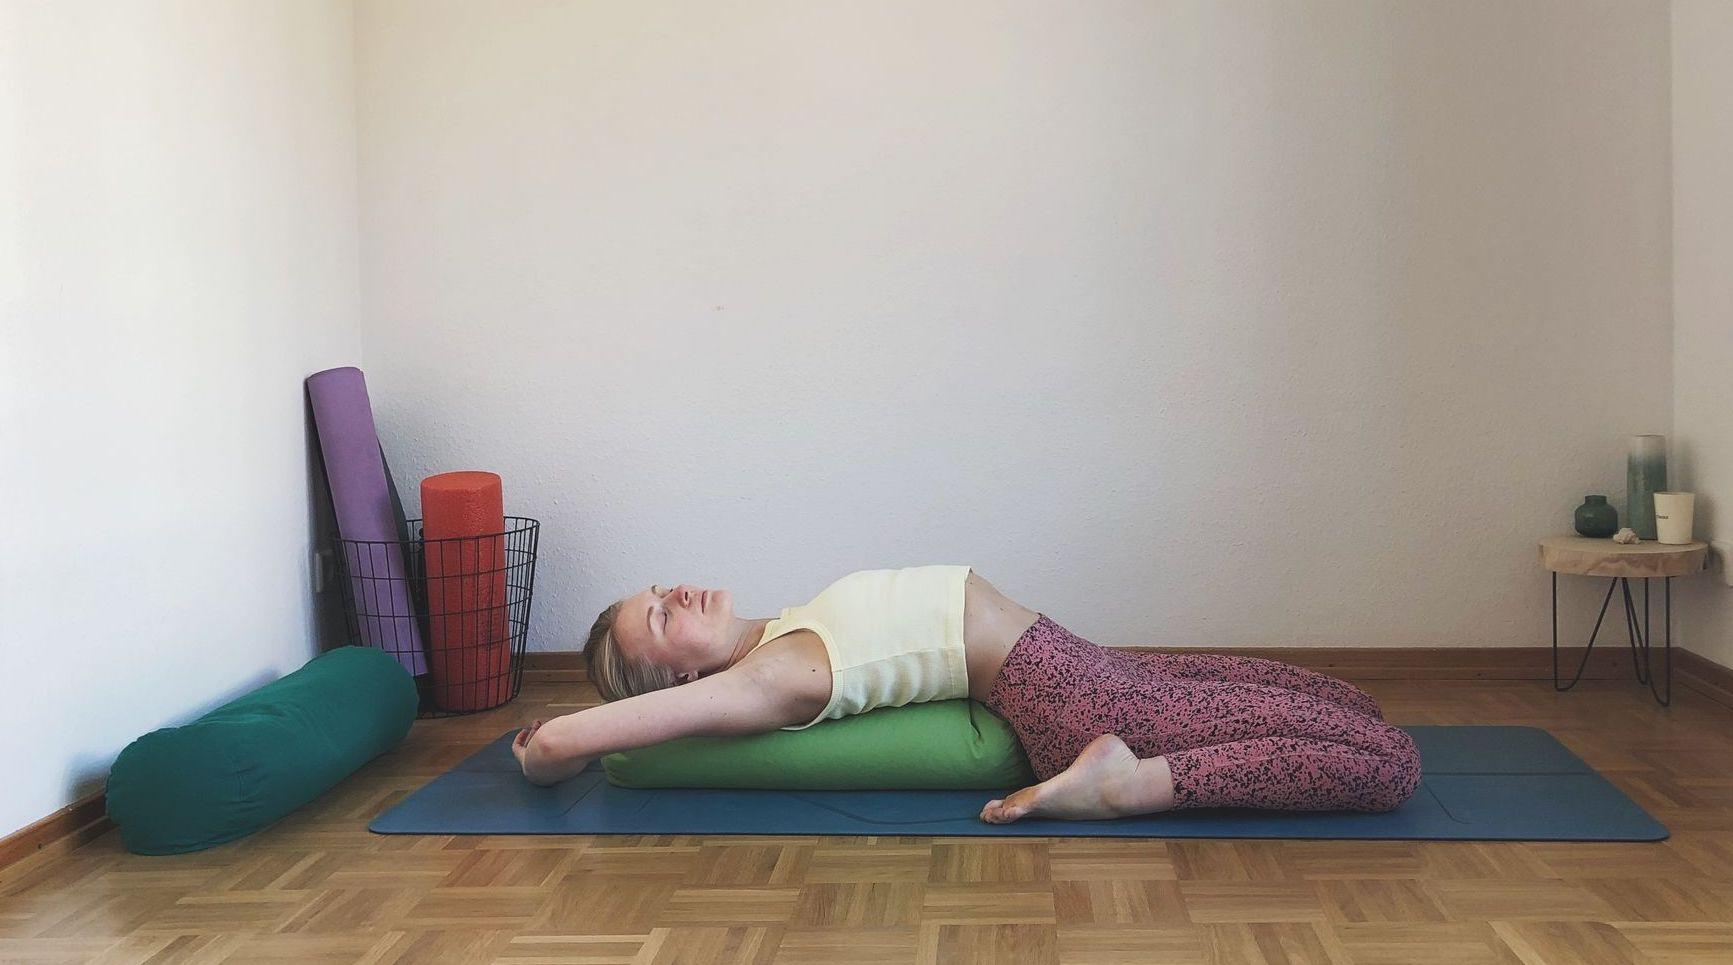 Yin-Yoga-Tutorial-Herzöffnung-Heart-Suppta-Baddha-Virasana-Asana-Rückbeuge-OhYesYoga